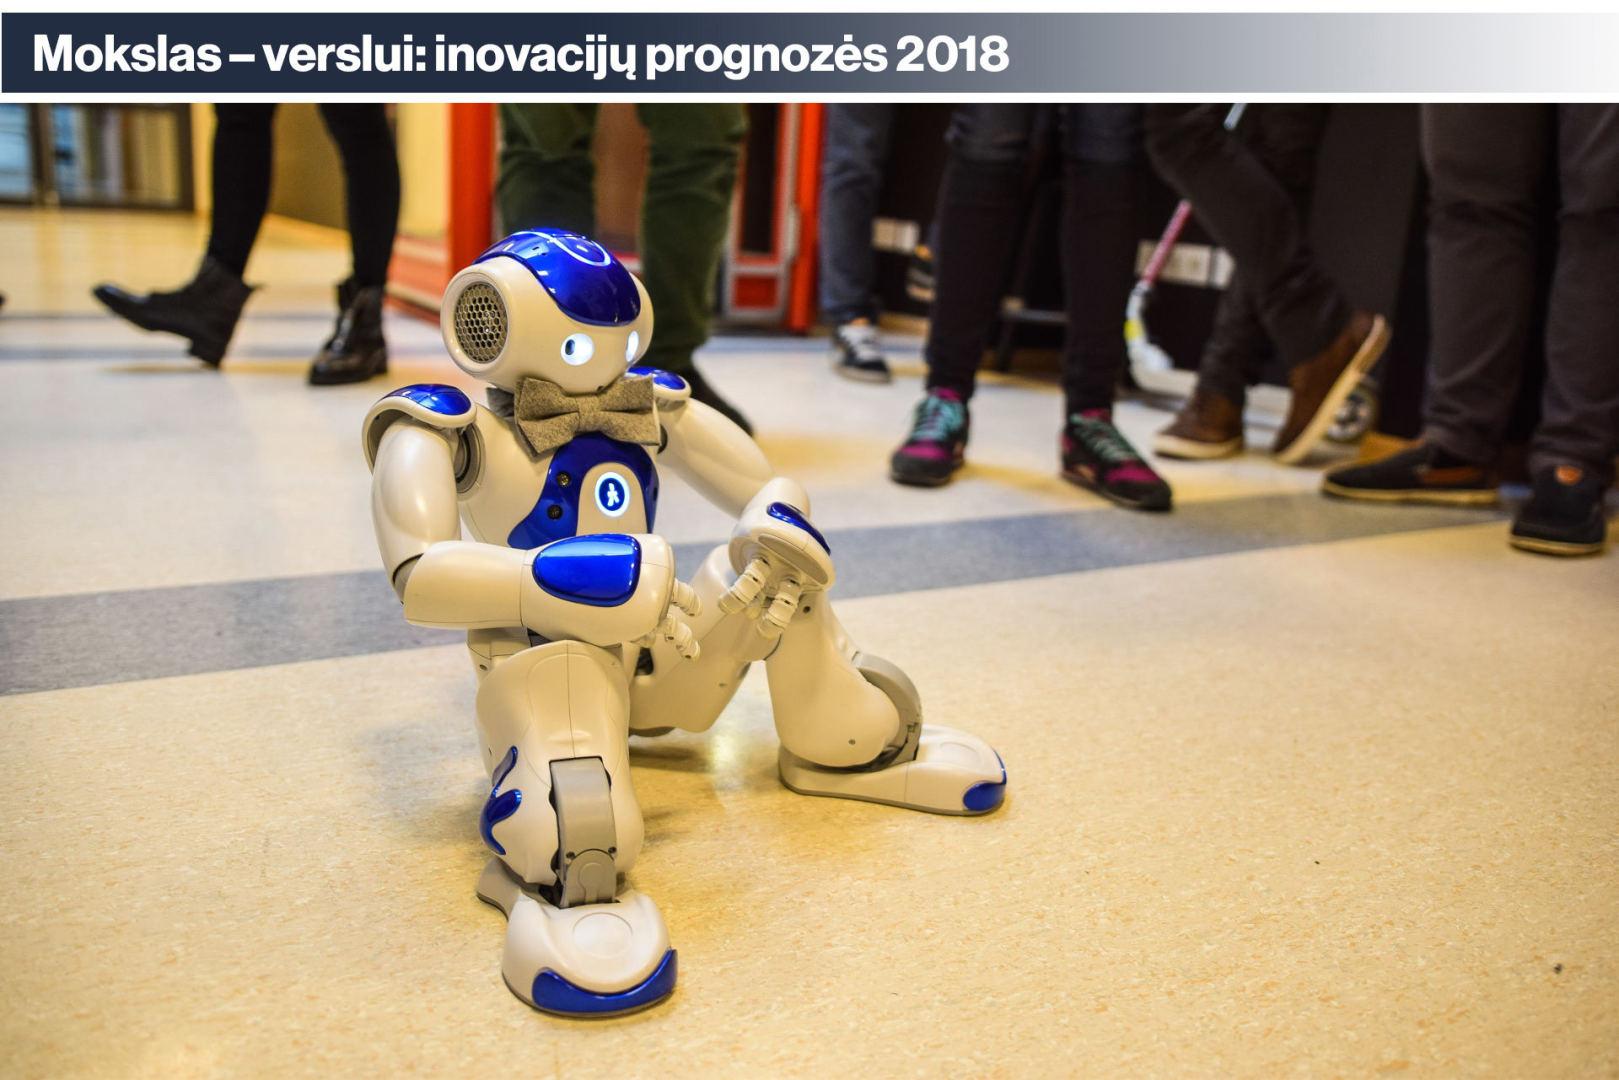 visi atsiliepimai apie prekybos robotus olga fomina kaip užsidirbti pinigų internete